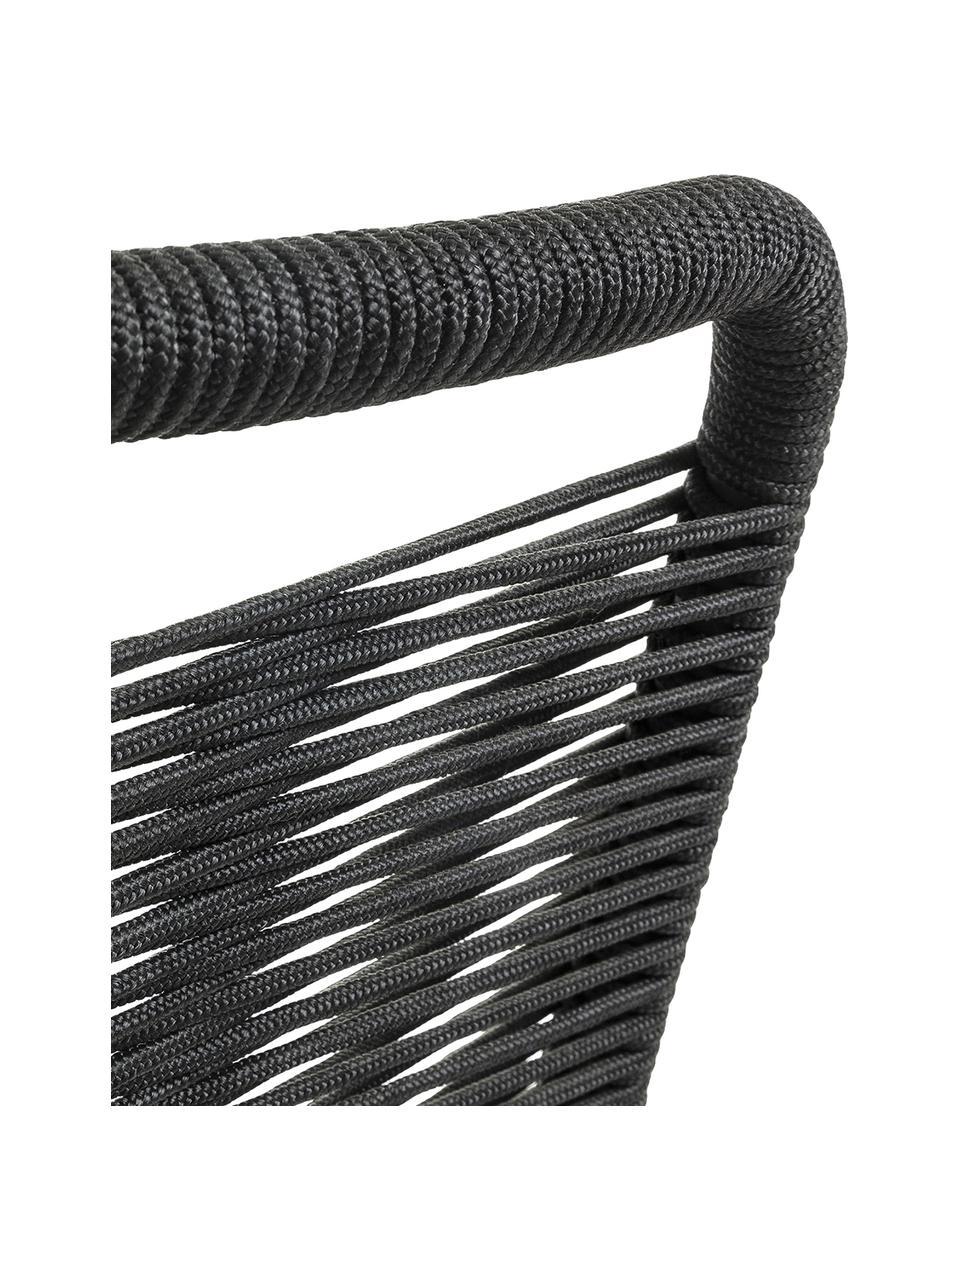 Tuinstoelen Lambton met kunststoffen vlechtwerk, 2 stuks, Zitvlak: polyethyleen vlechtwerk, Frame: gepoedercoat metaal, Zwart, B 49 x D 59 cm